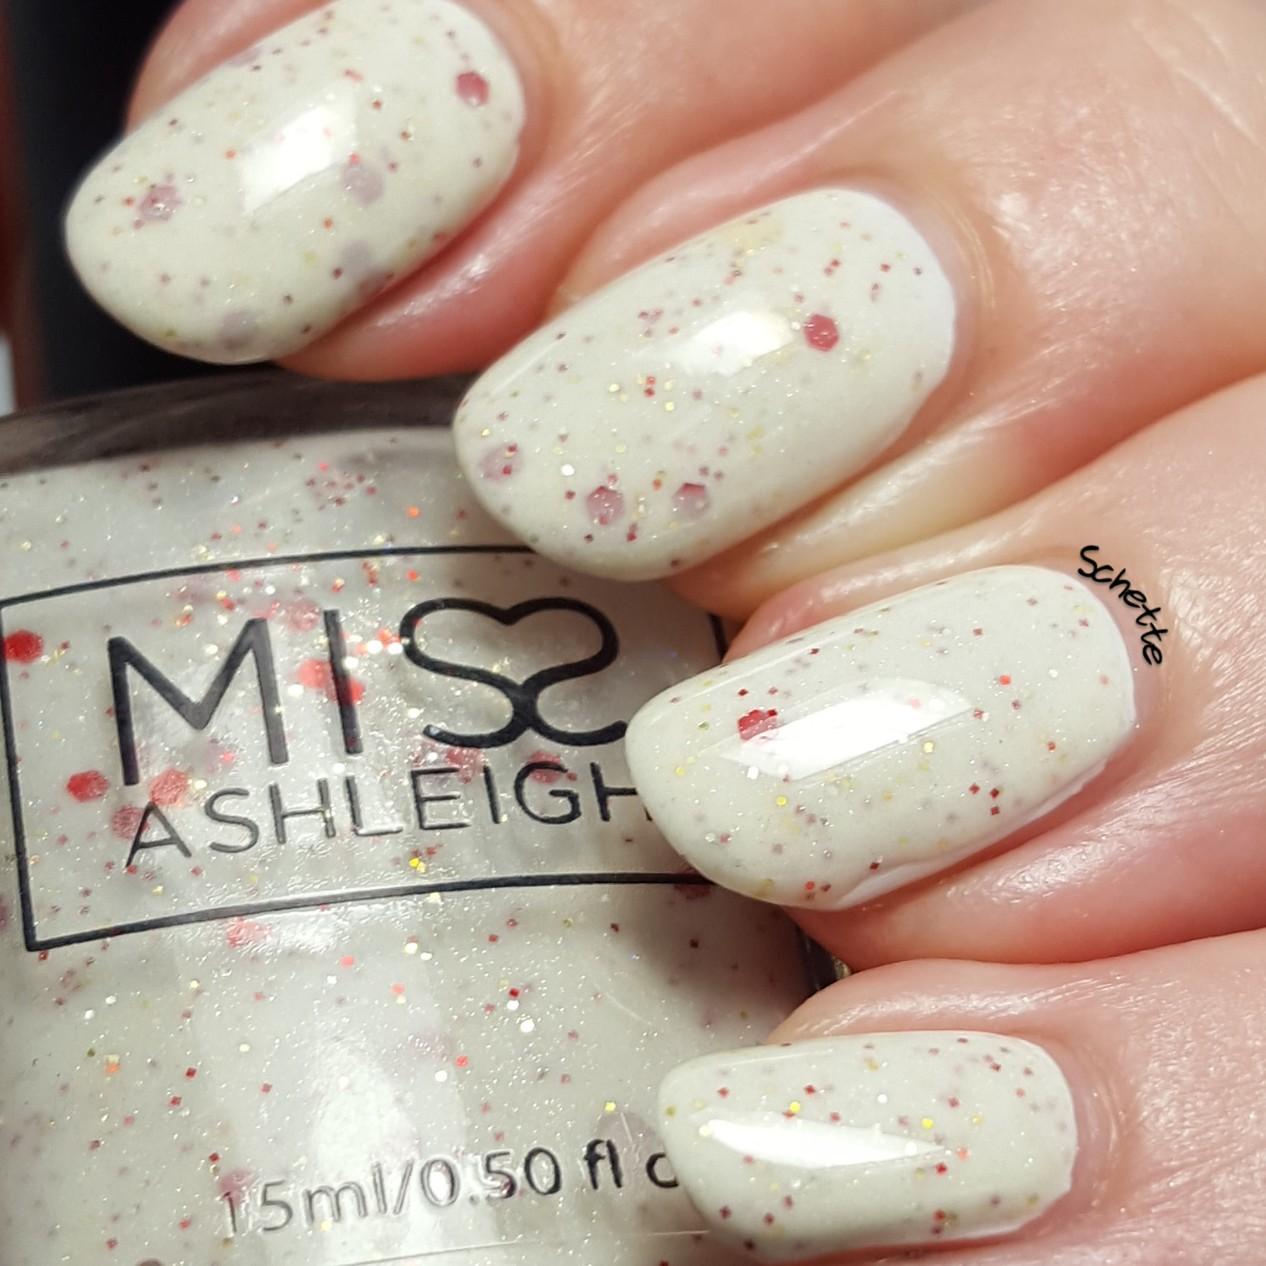 Miss Ashleigh - Schmickey